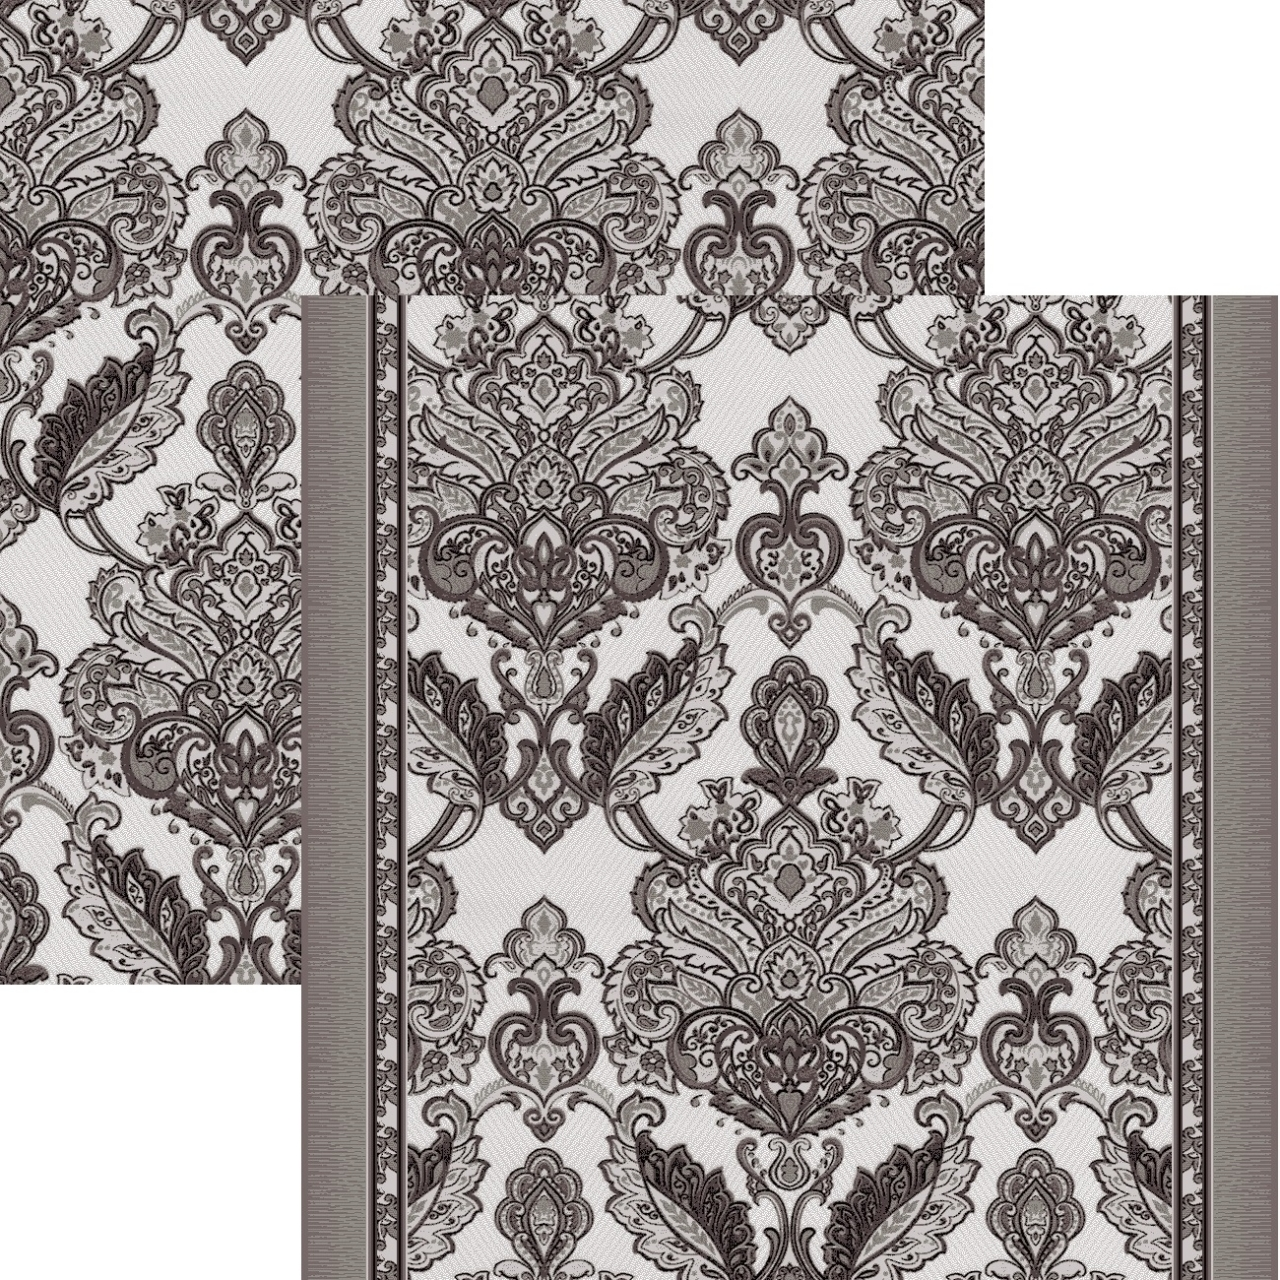 Ковровая дорожка p1595b2p - 100 - коллекция принт 8-ми цветное полотно